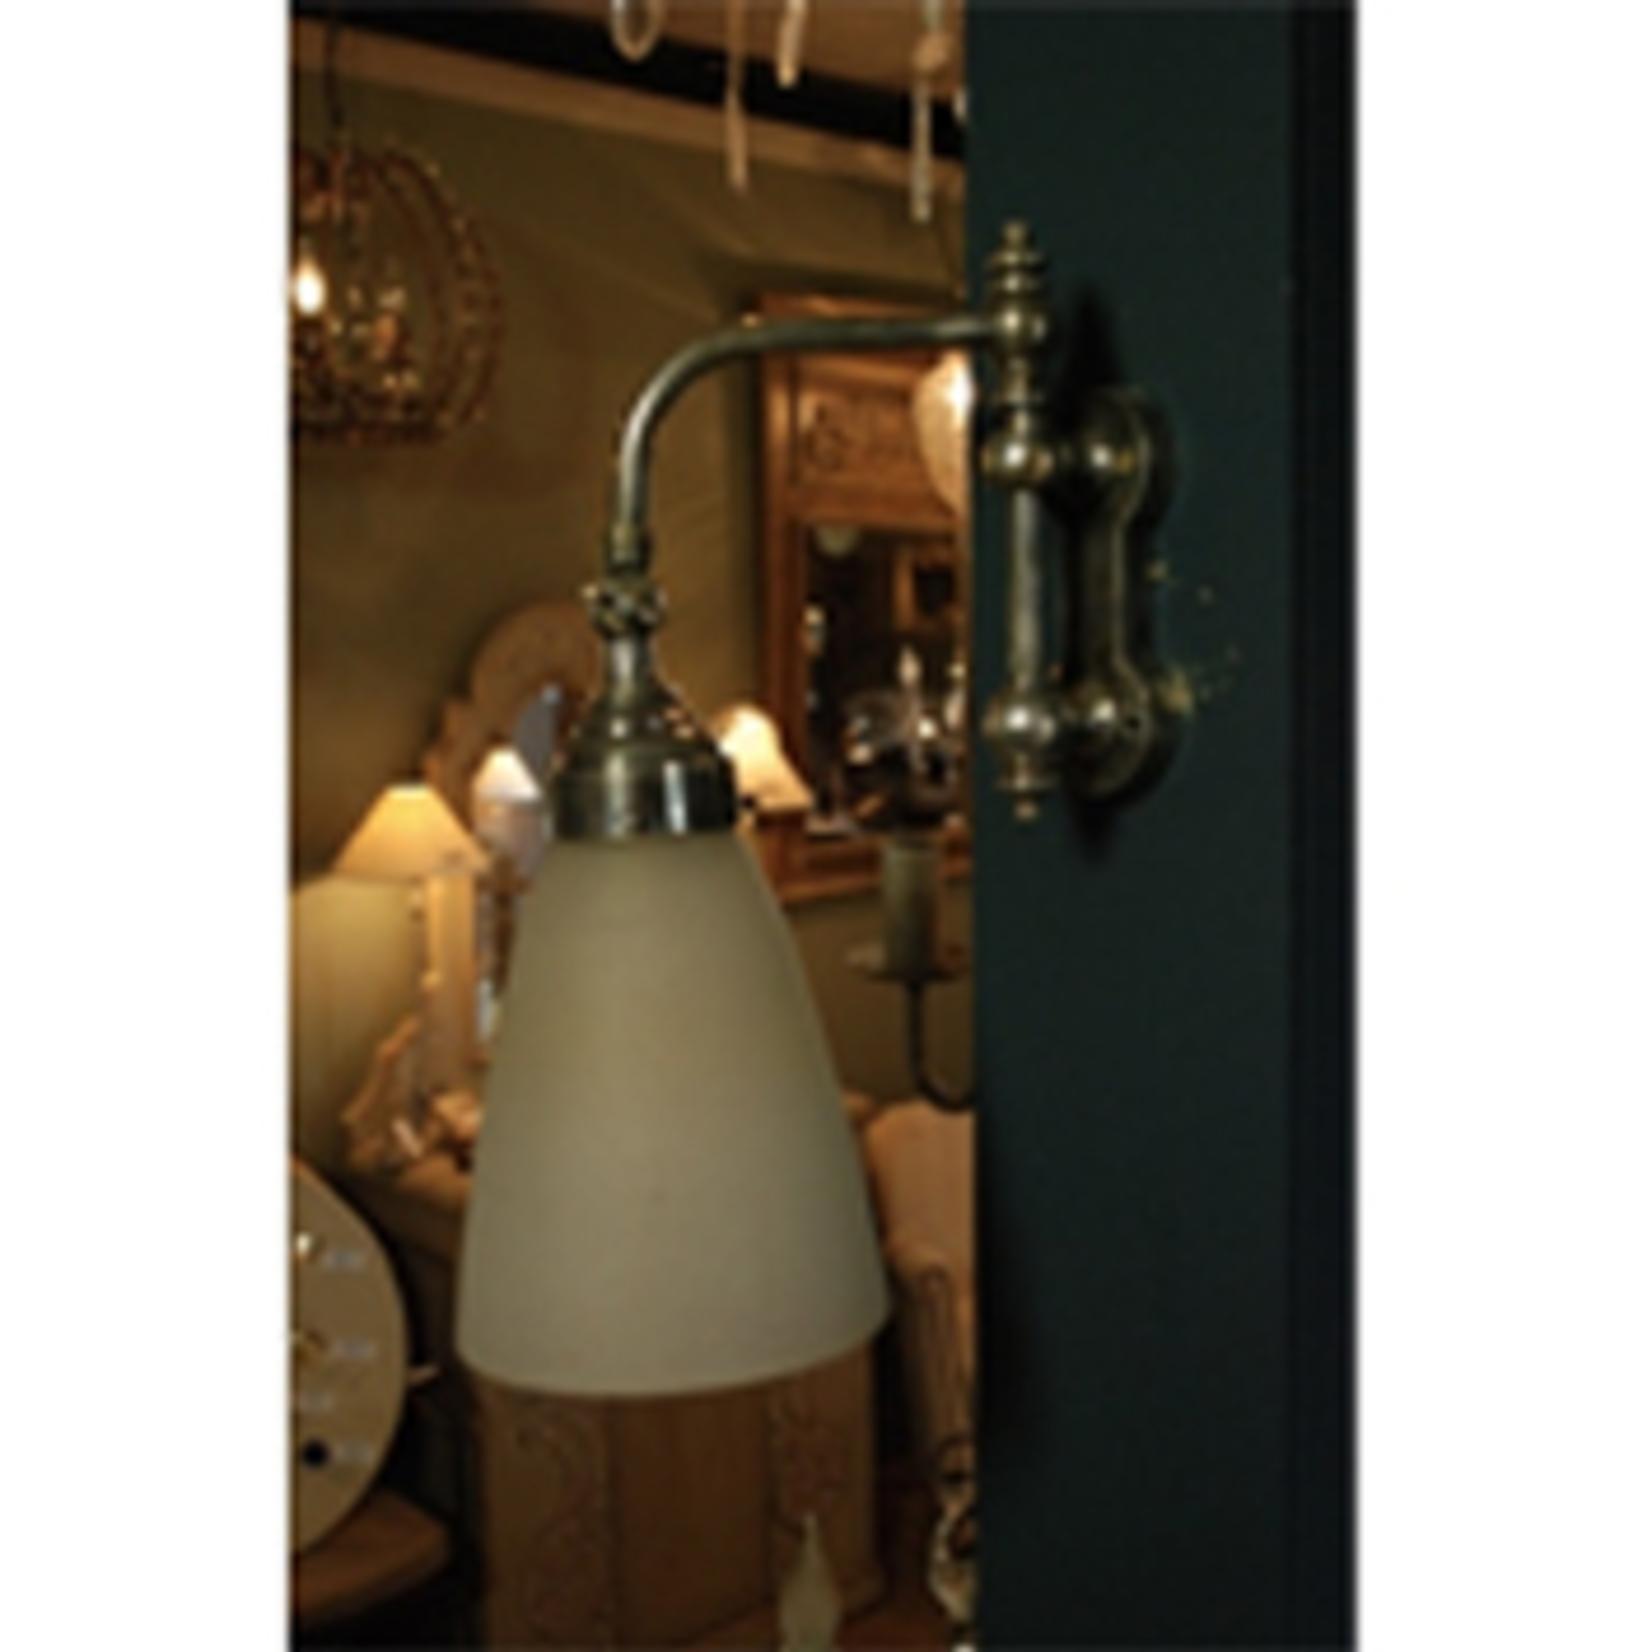 CHEHOMA WALL LAMP RIVINGTON